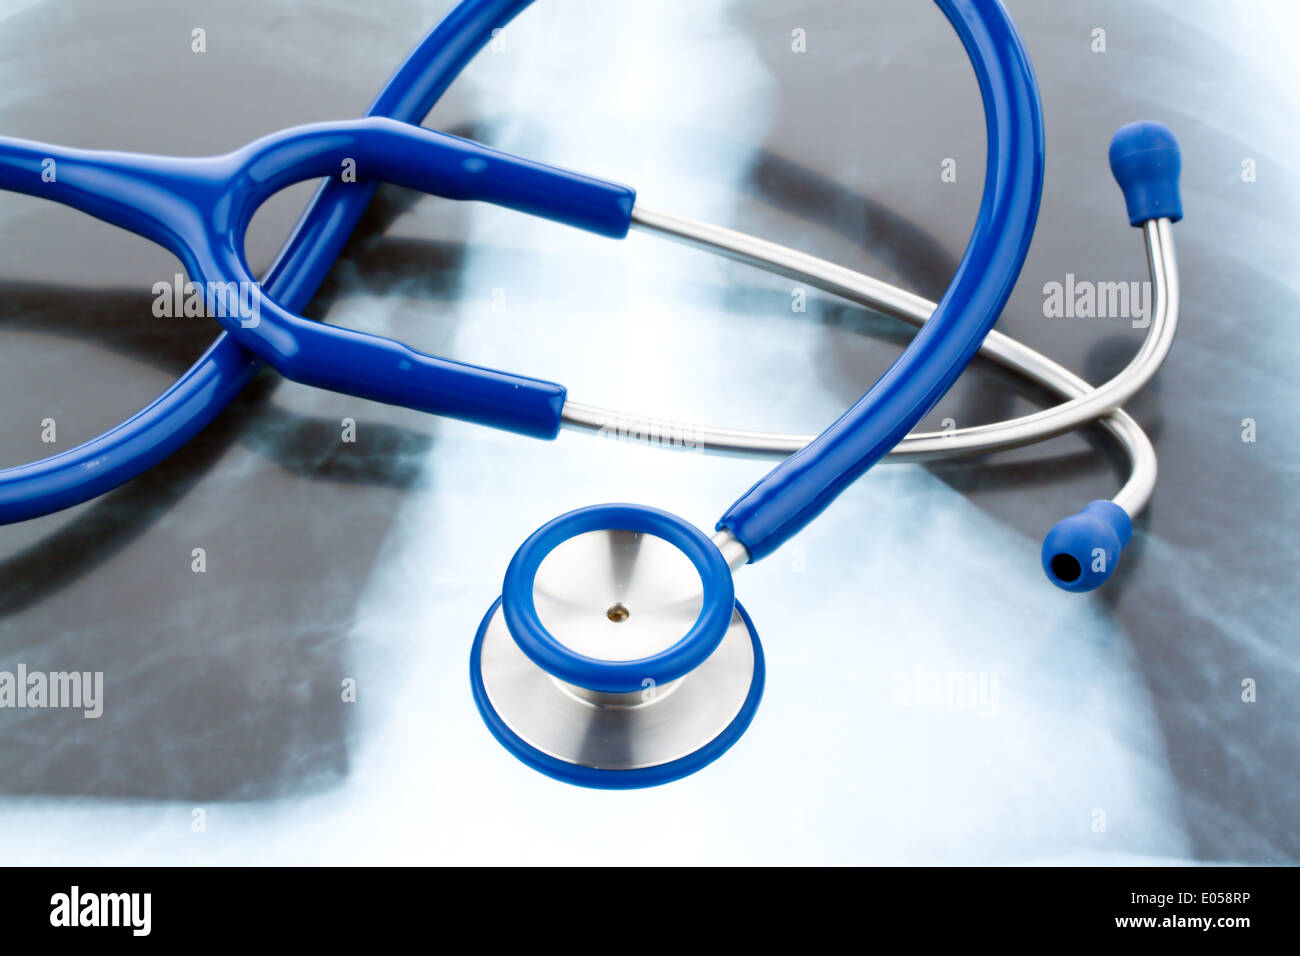 A Stethoskop and a X-ray picture. Symbol for health., Ein Stethoskop und ein Roentgenbild. Symbol fuer gesundheit. Stock Photo